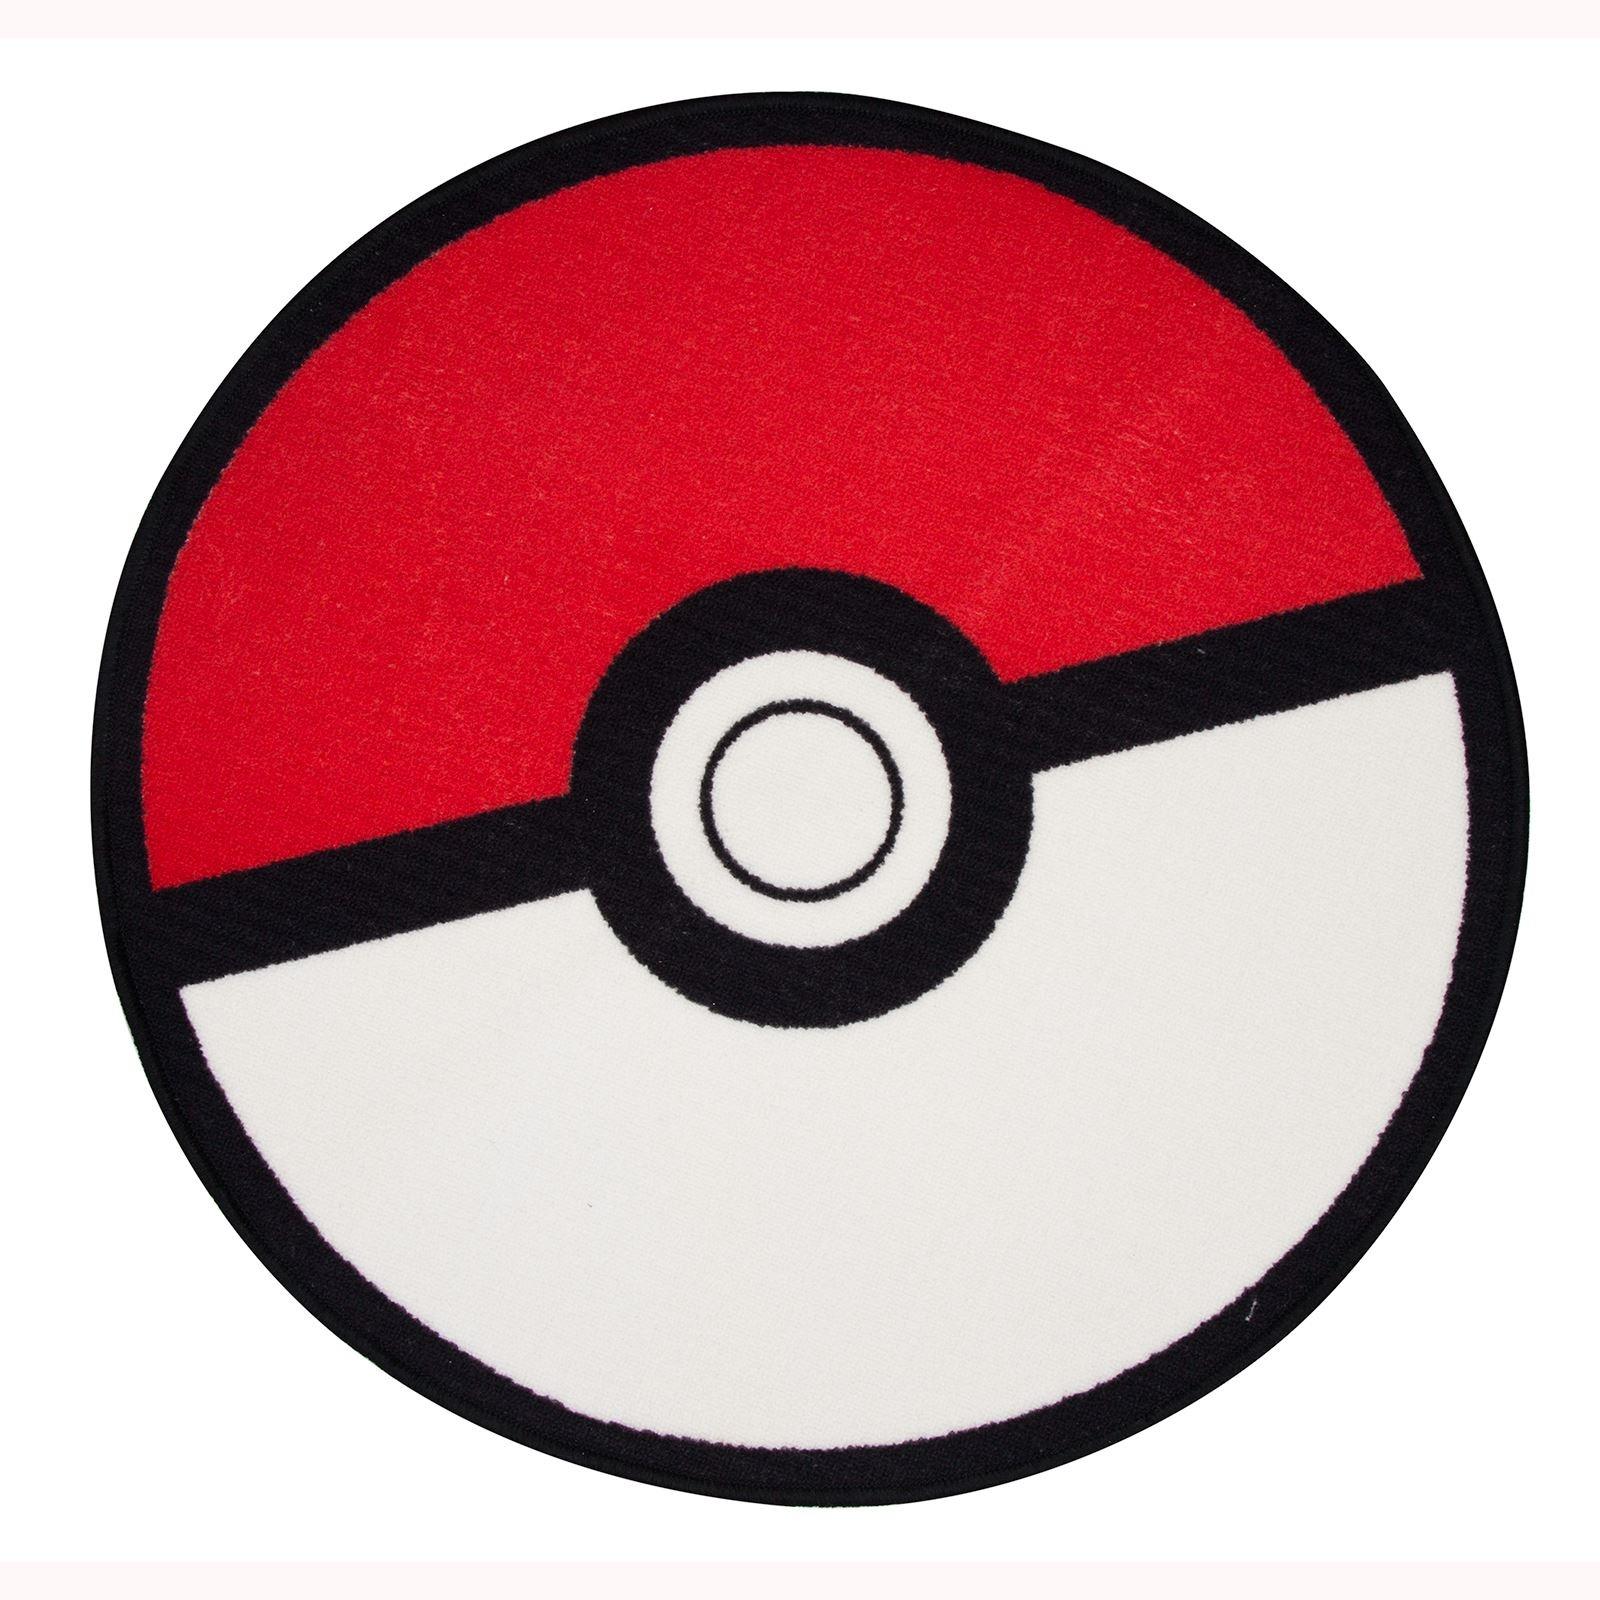 Pokémon Pokémon Rug Pokéball